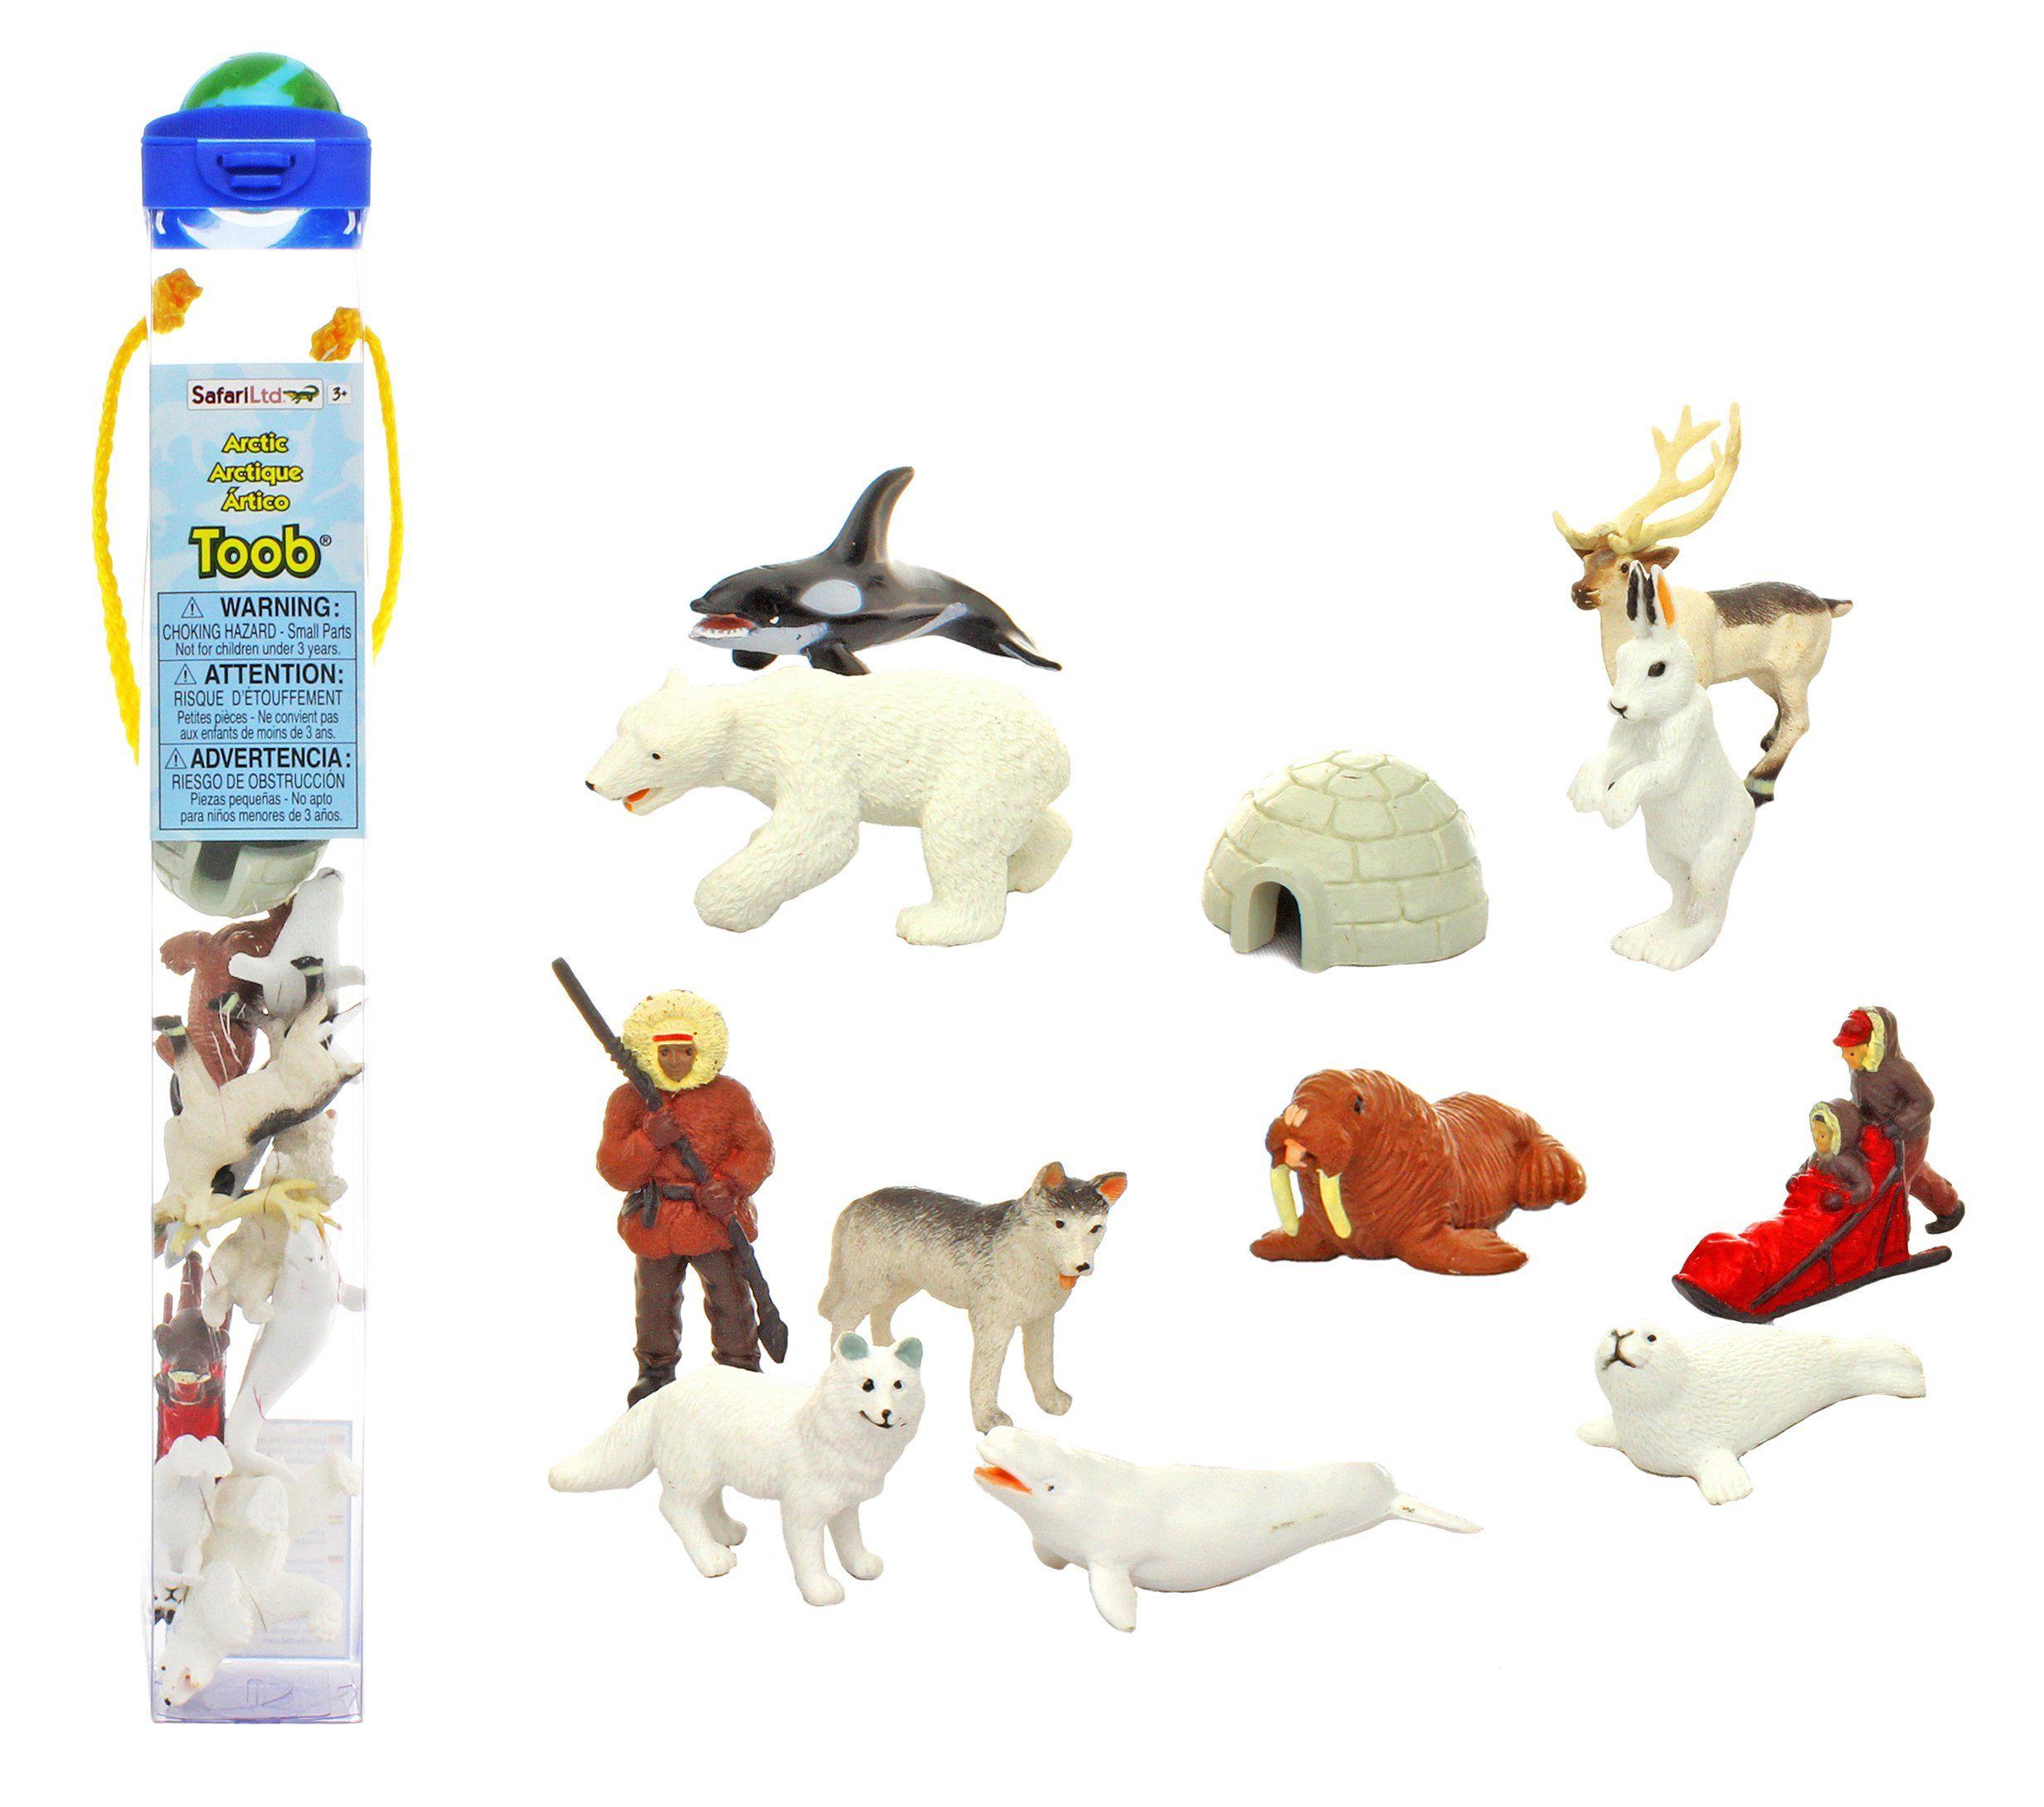 Safari Ltd Arctic Toob Amazon.ca Toys & Games Arctic